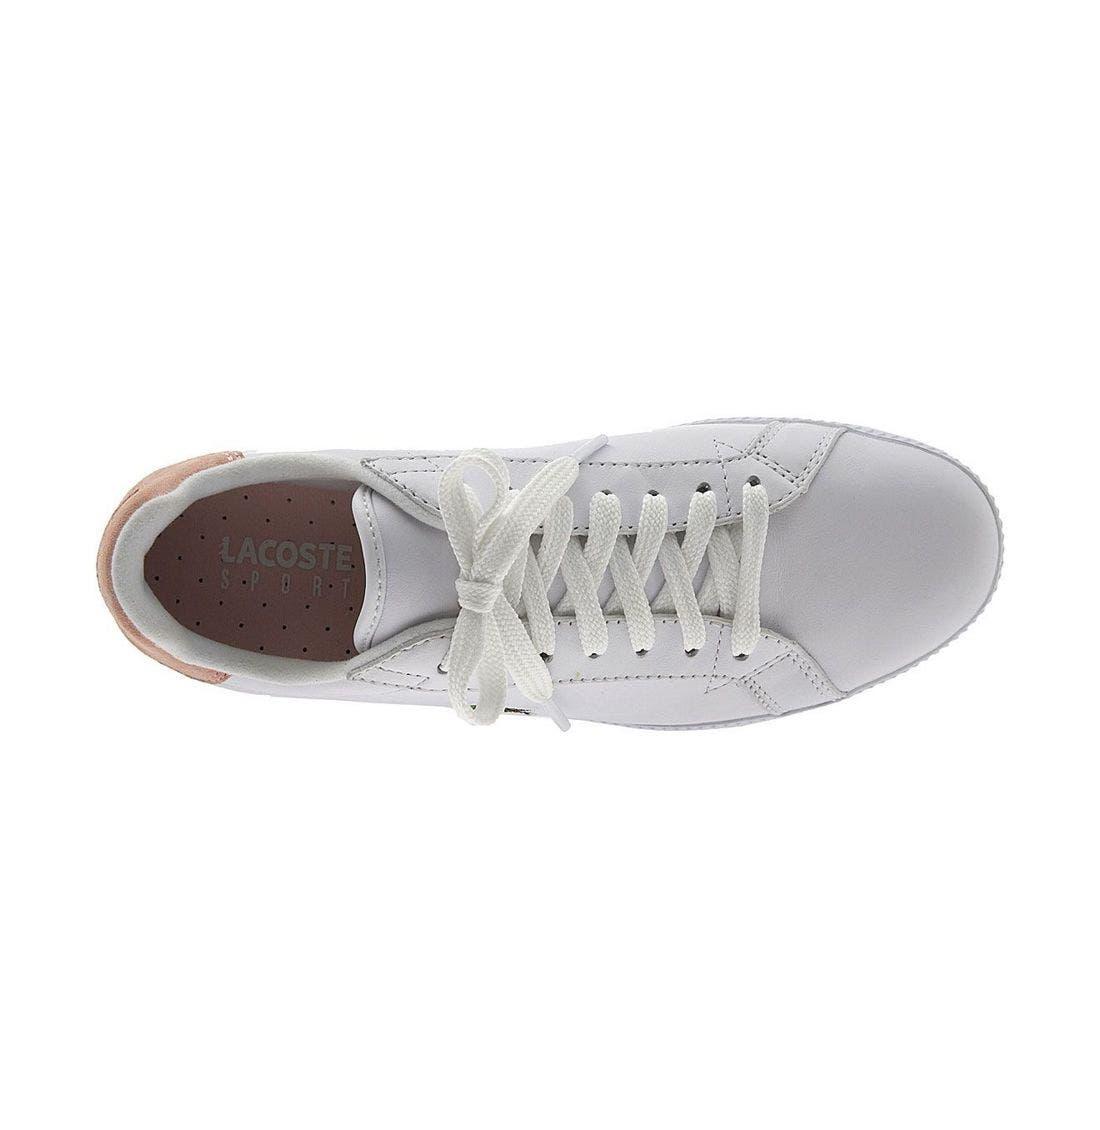 Alternate Image 3  - Lacoste 'Graduate 2' Sneaker (Women)